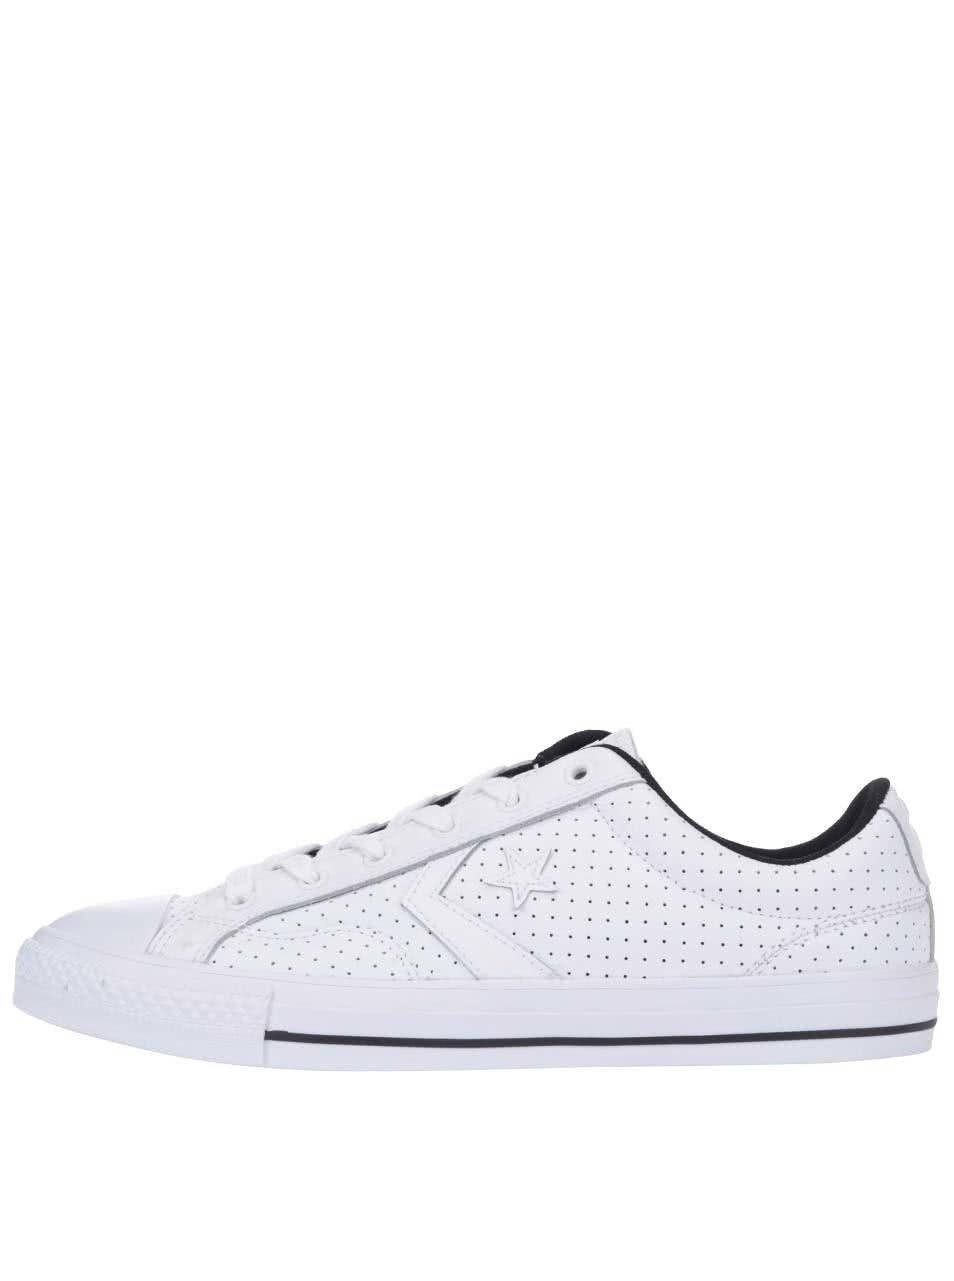 Biele pánske kožené perforované tenisky Converse Star Player ... 1bdd5d55298